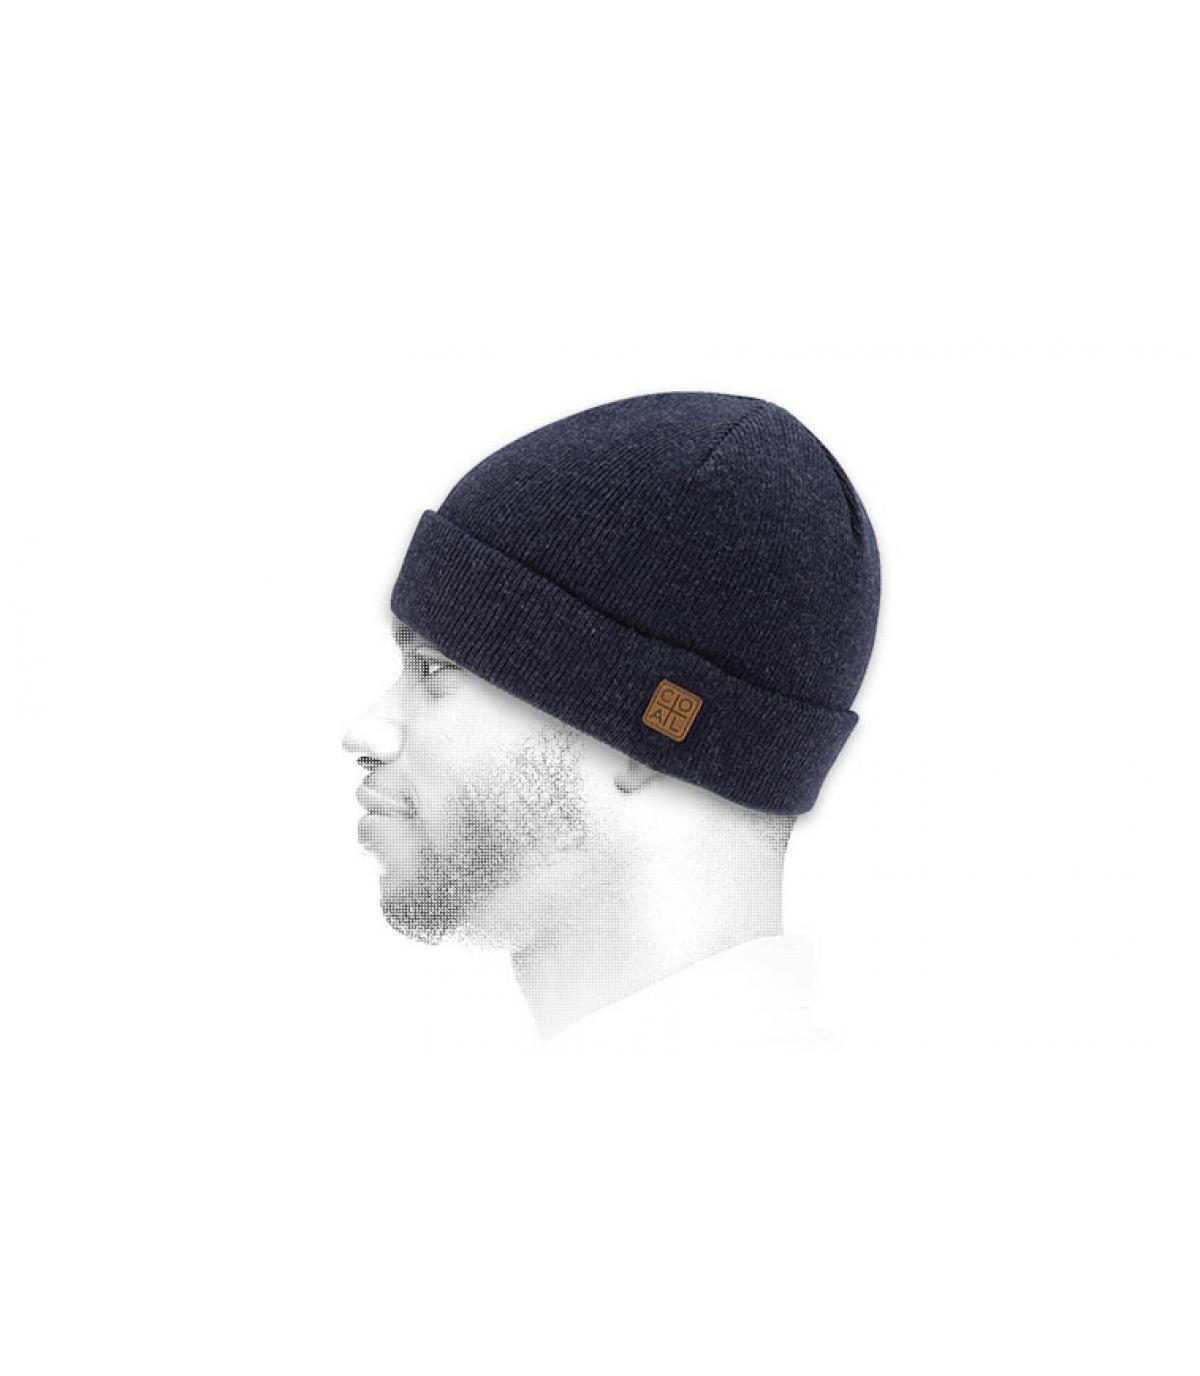 bonnet revers bleu marine chiné